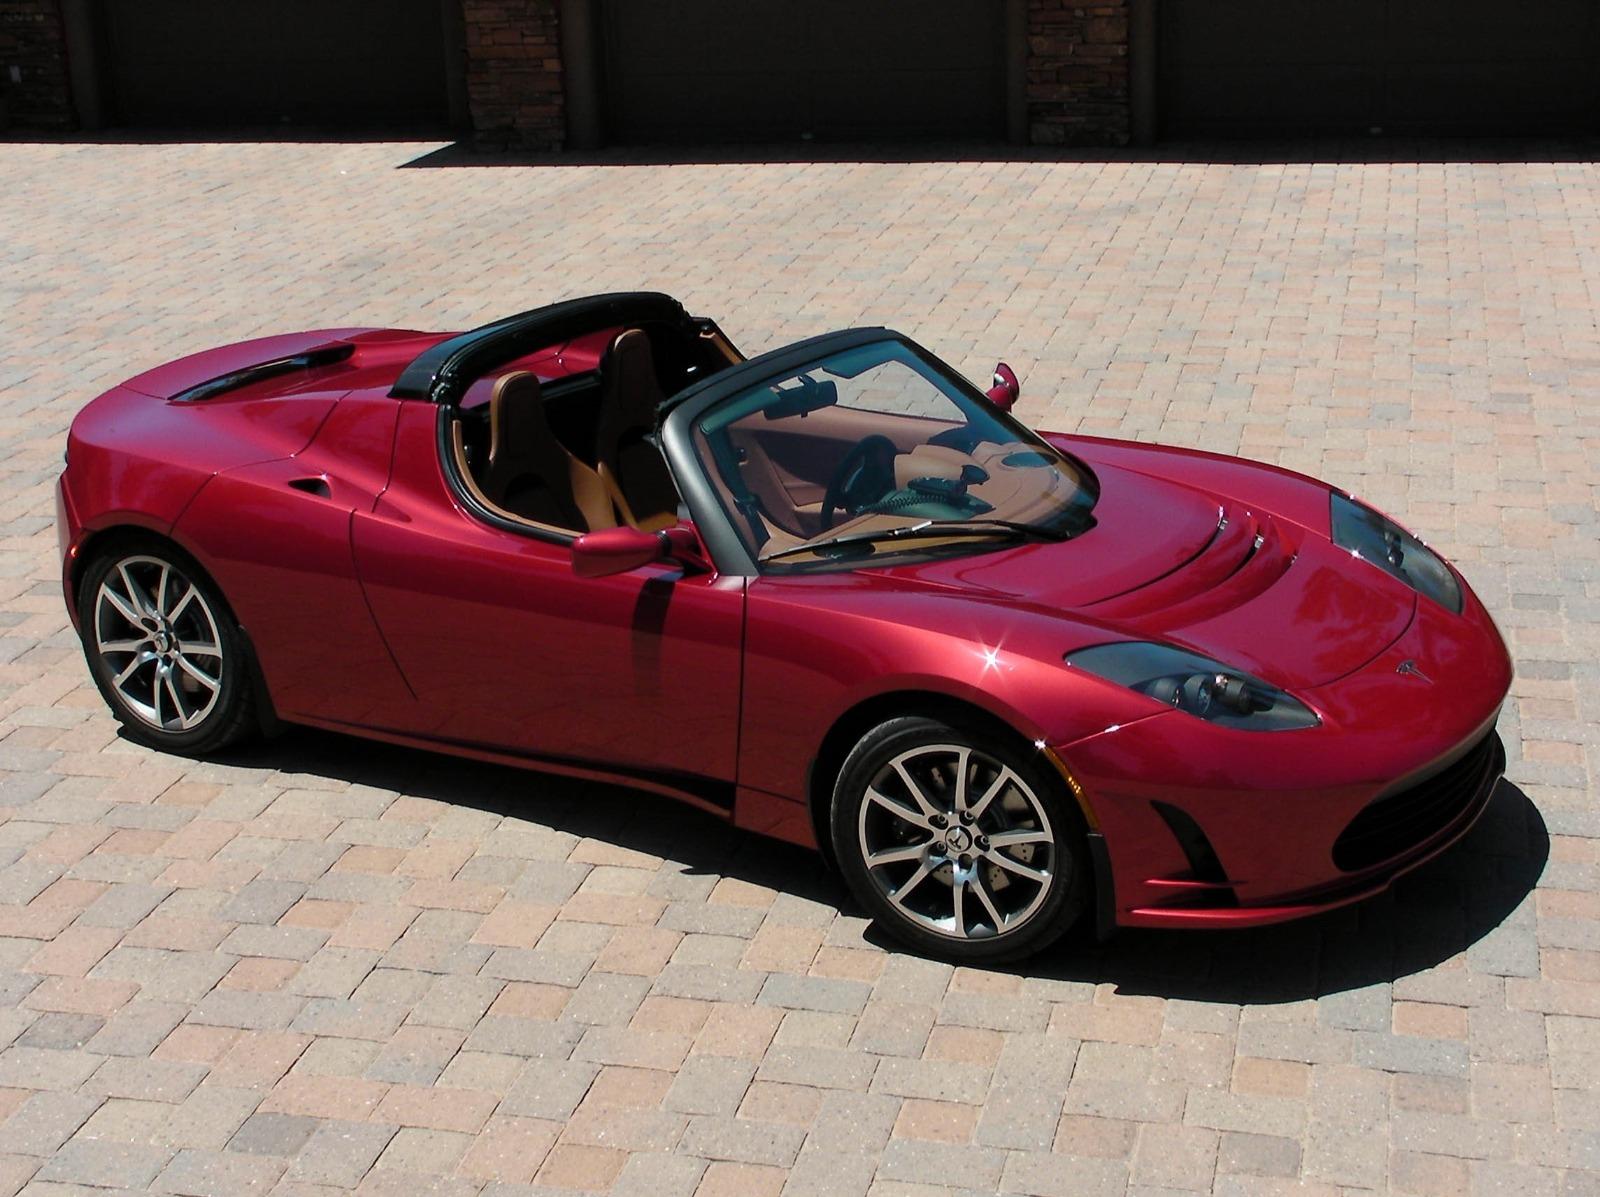 2011 Roadster 2.0 full